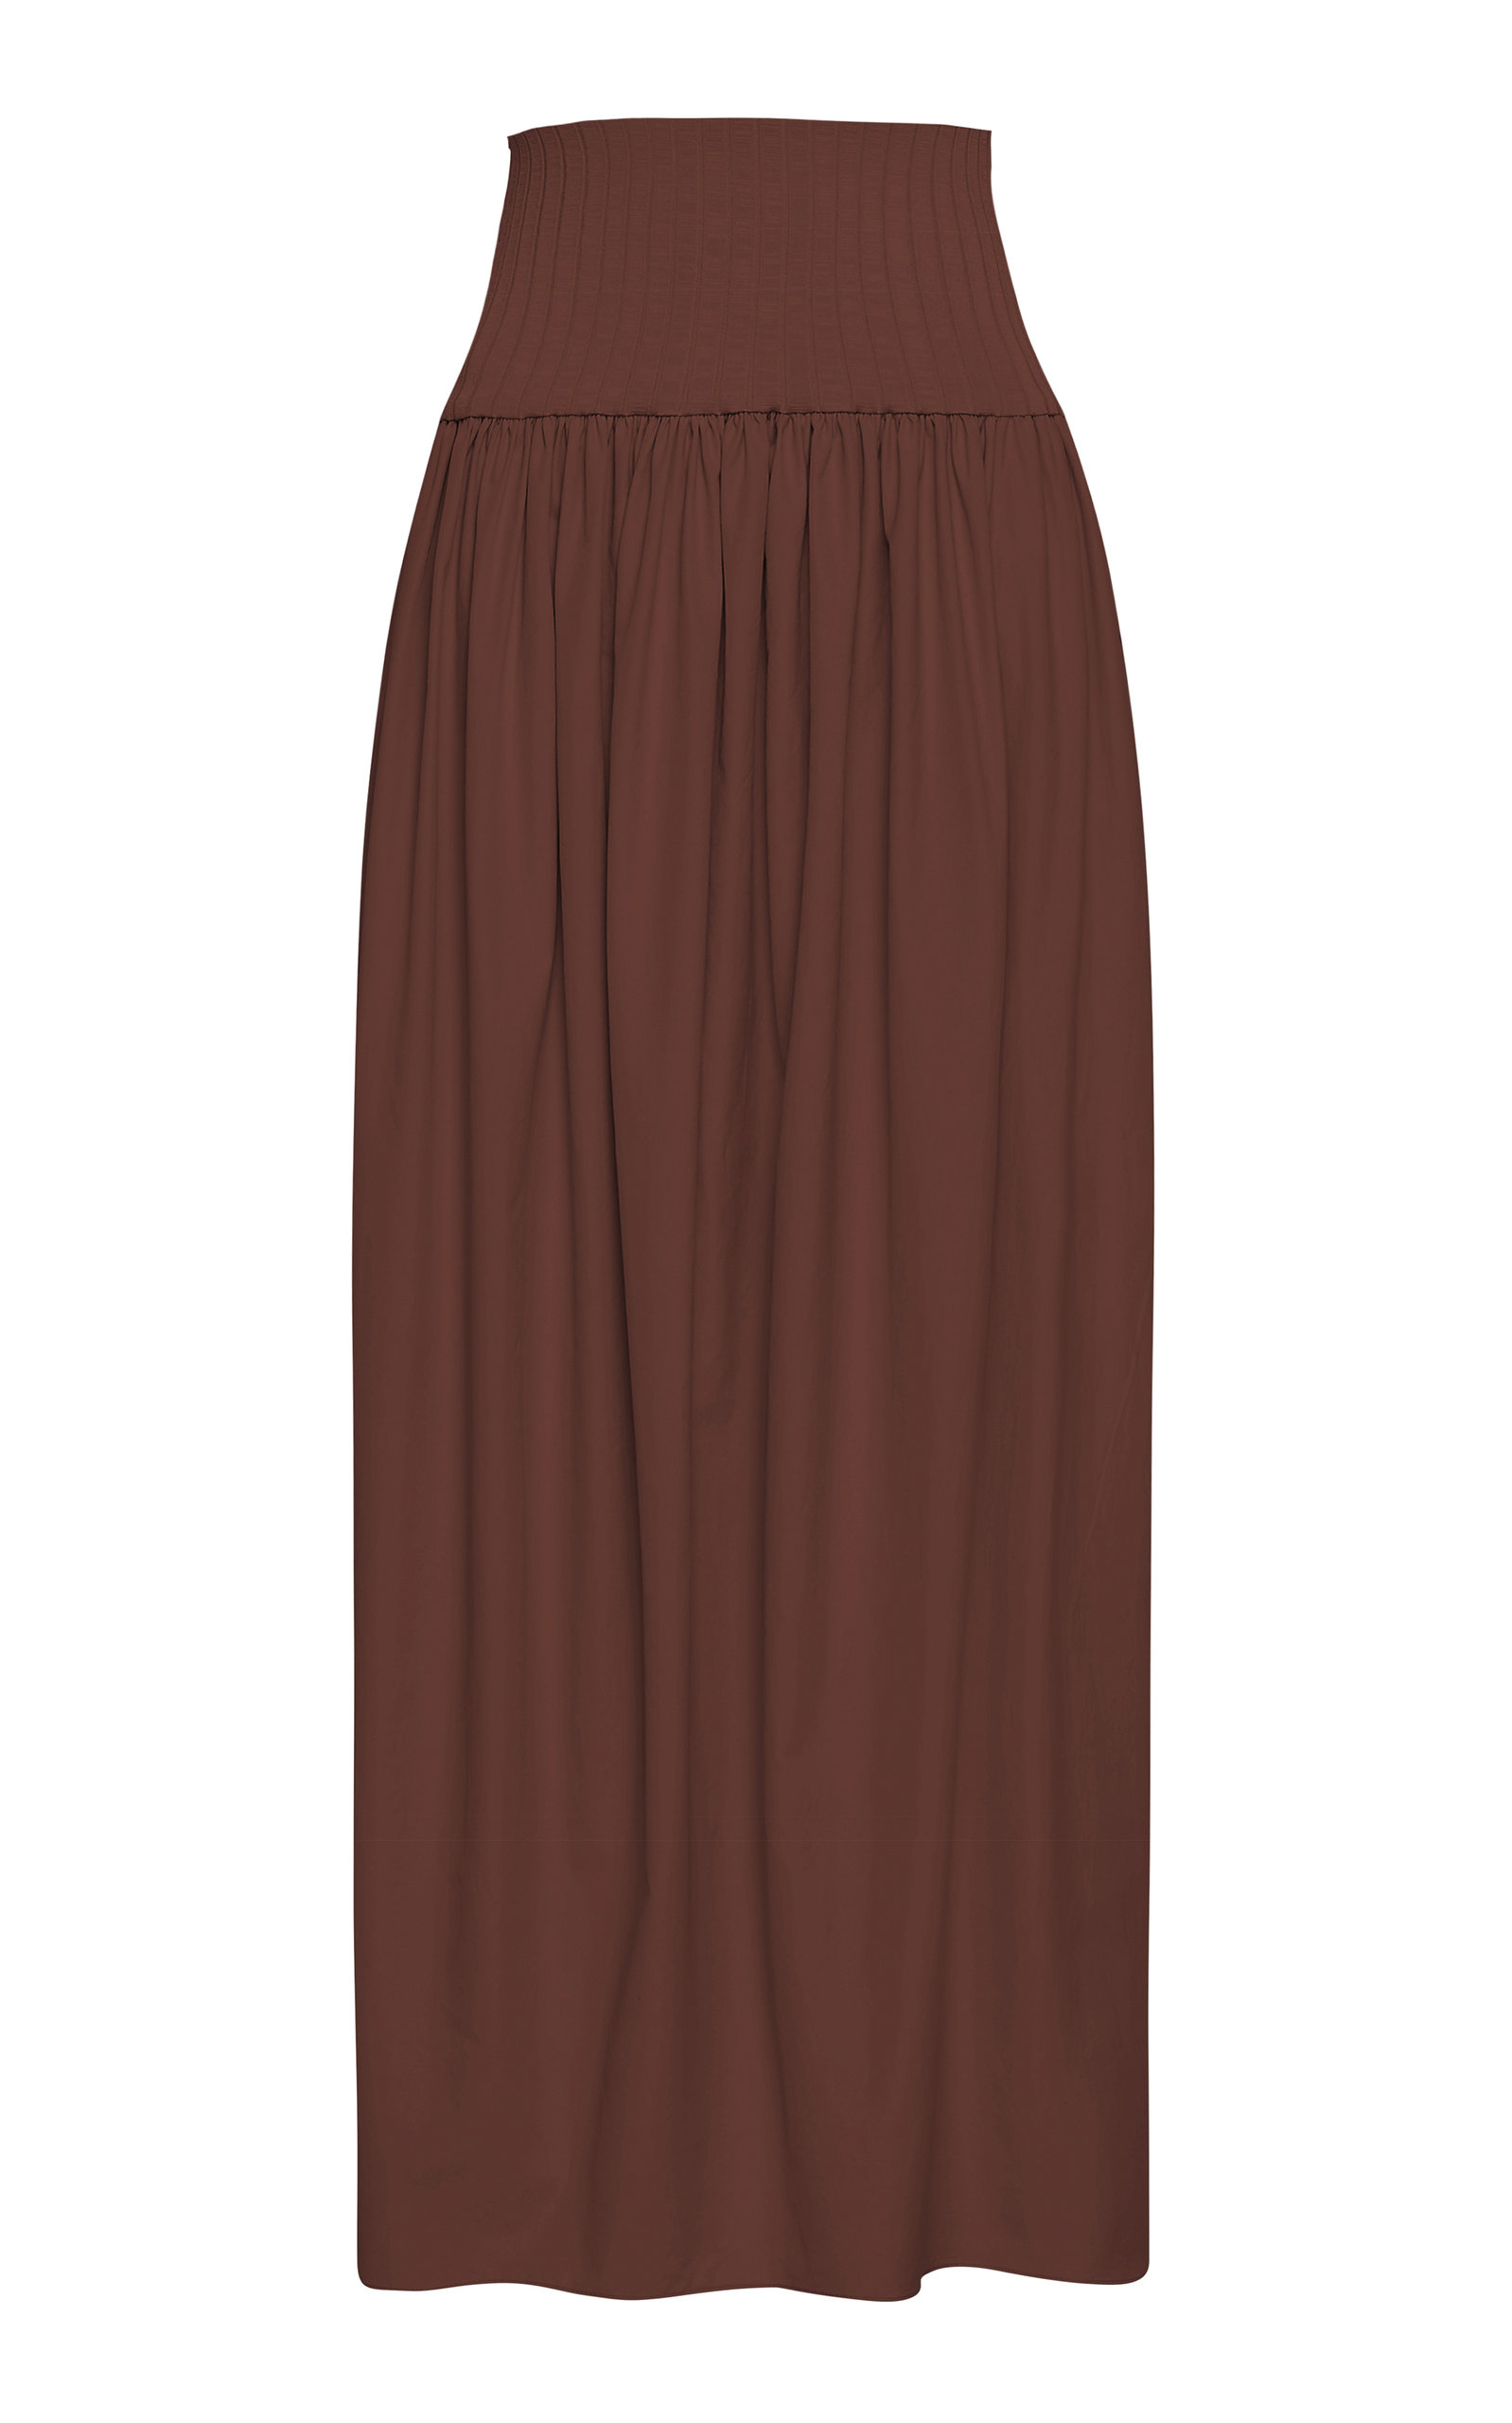 Women's High-Rise Cotton Maxi Skirt